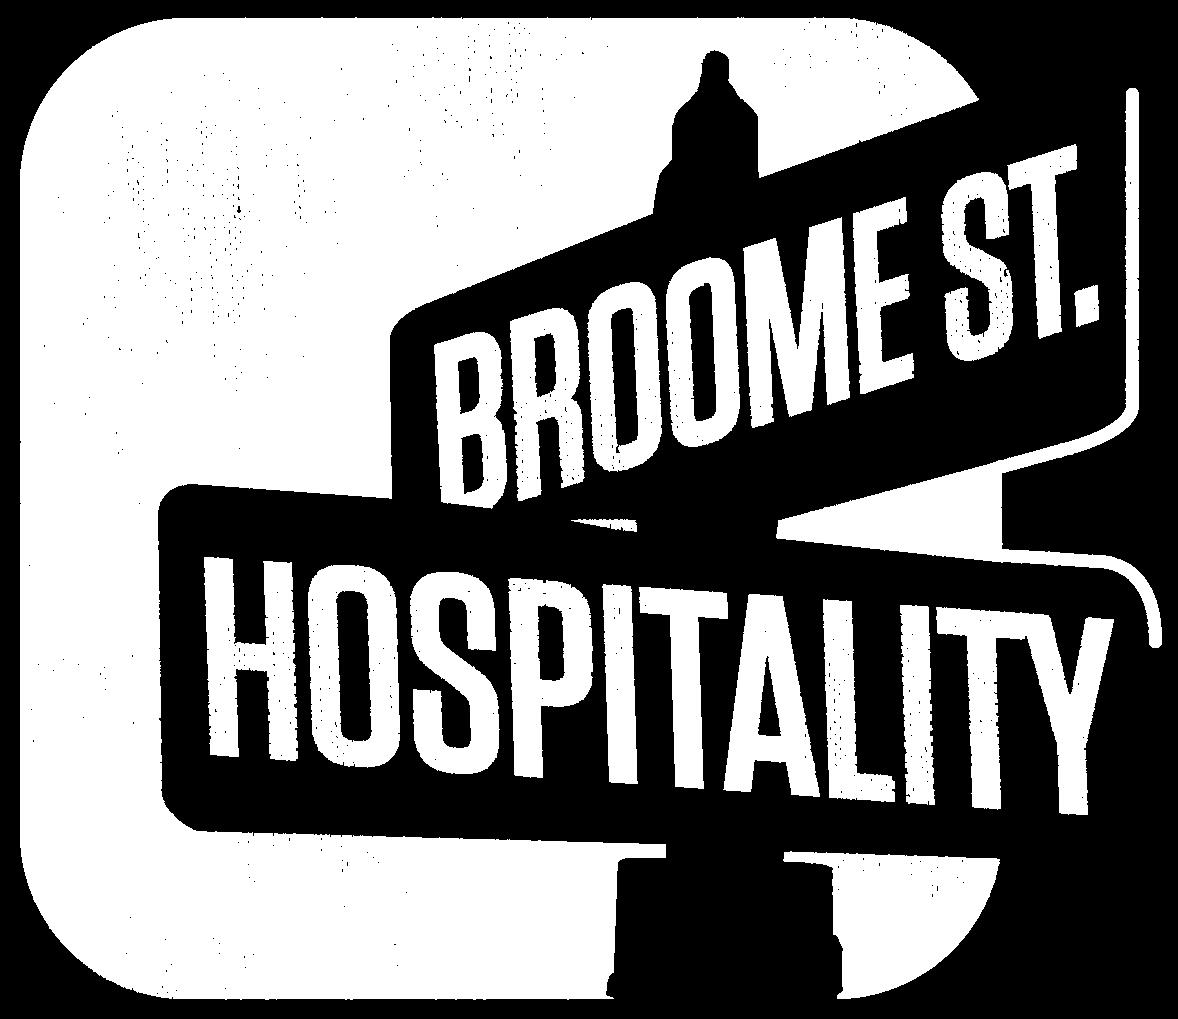 Broome St. Hospitality Home